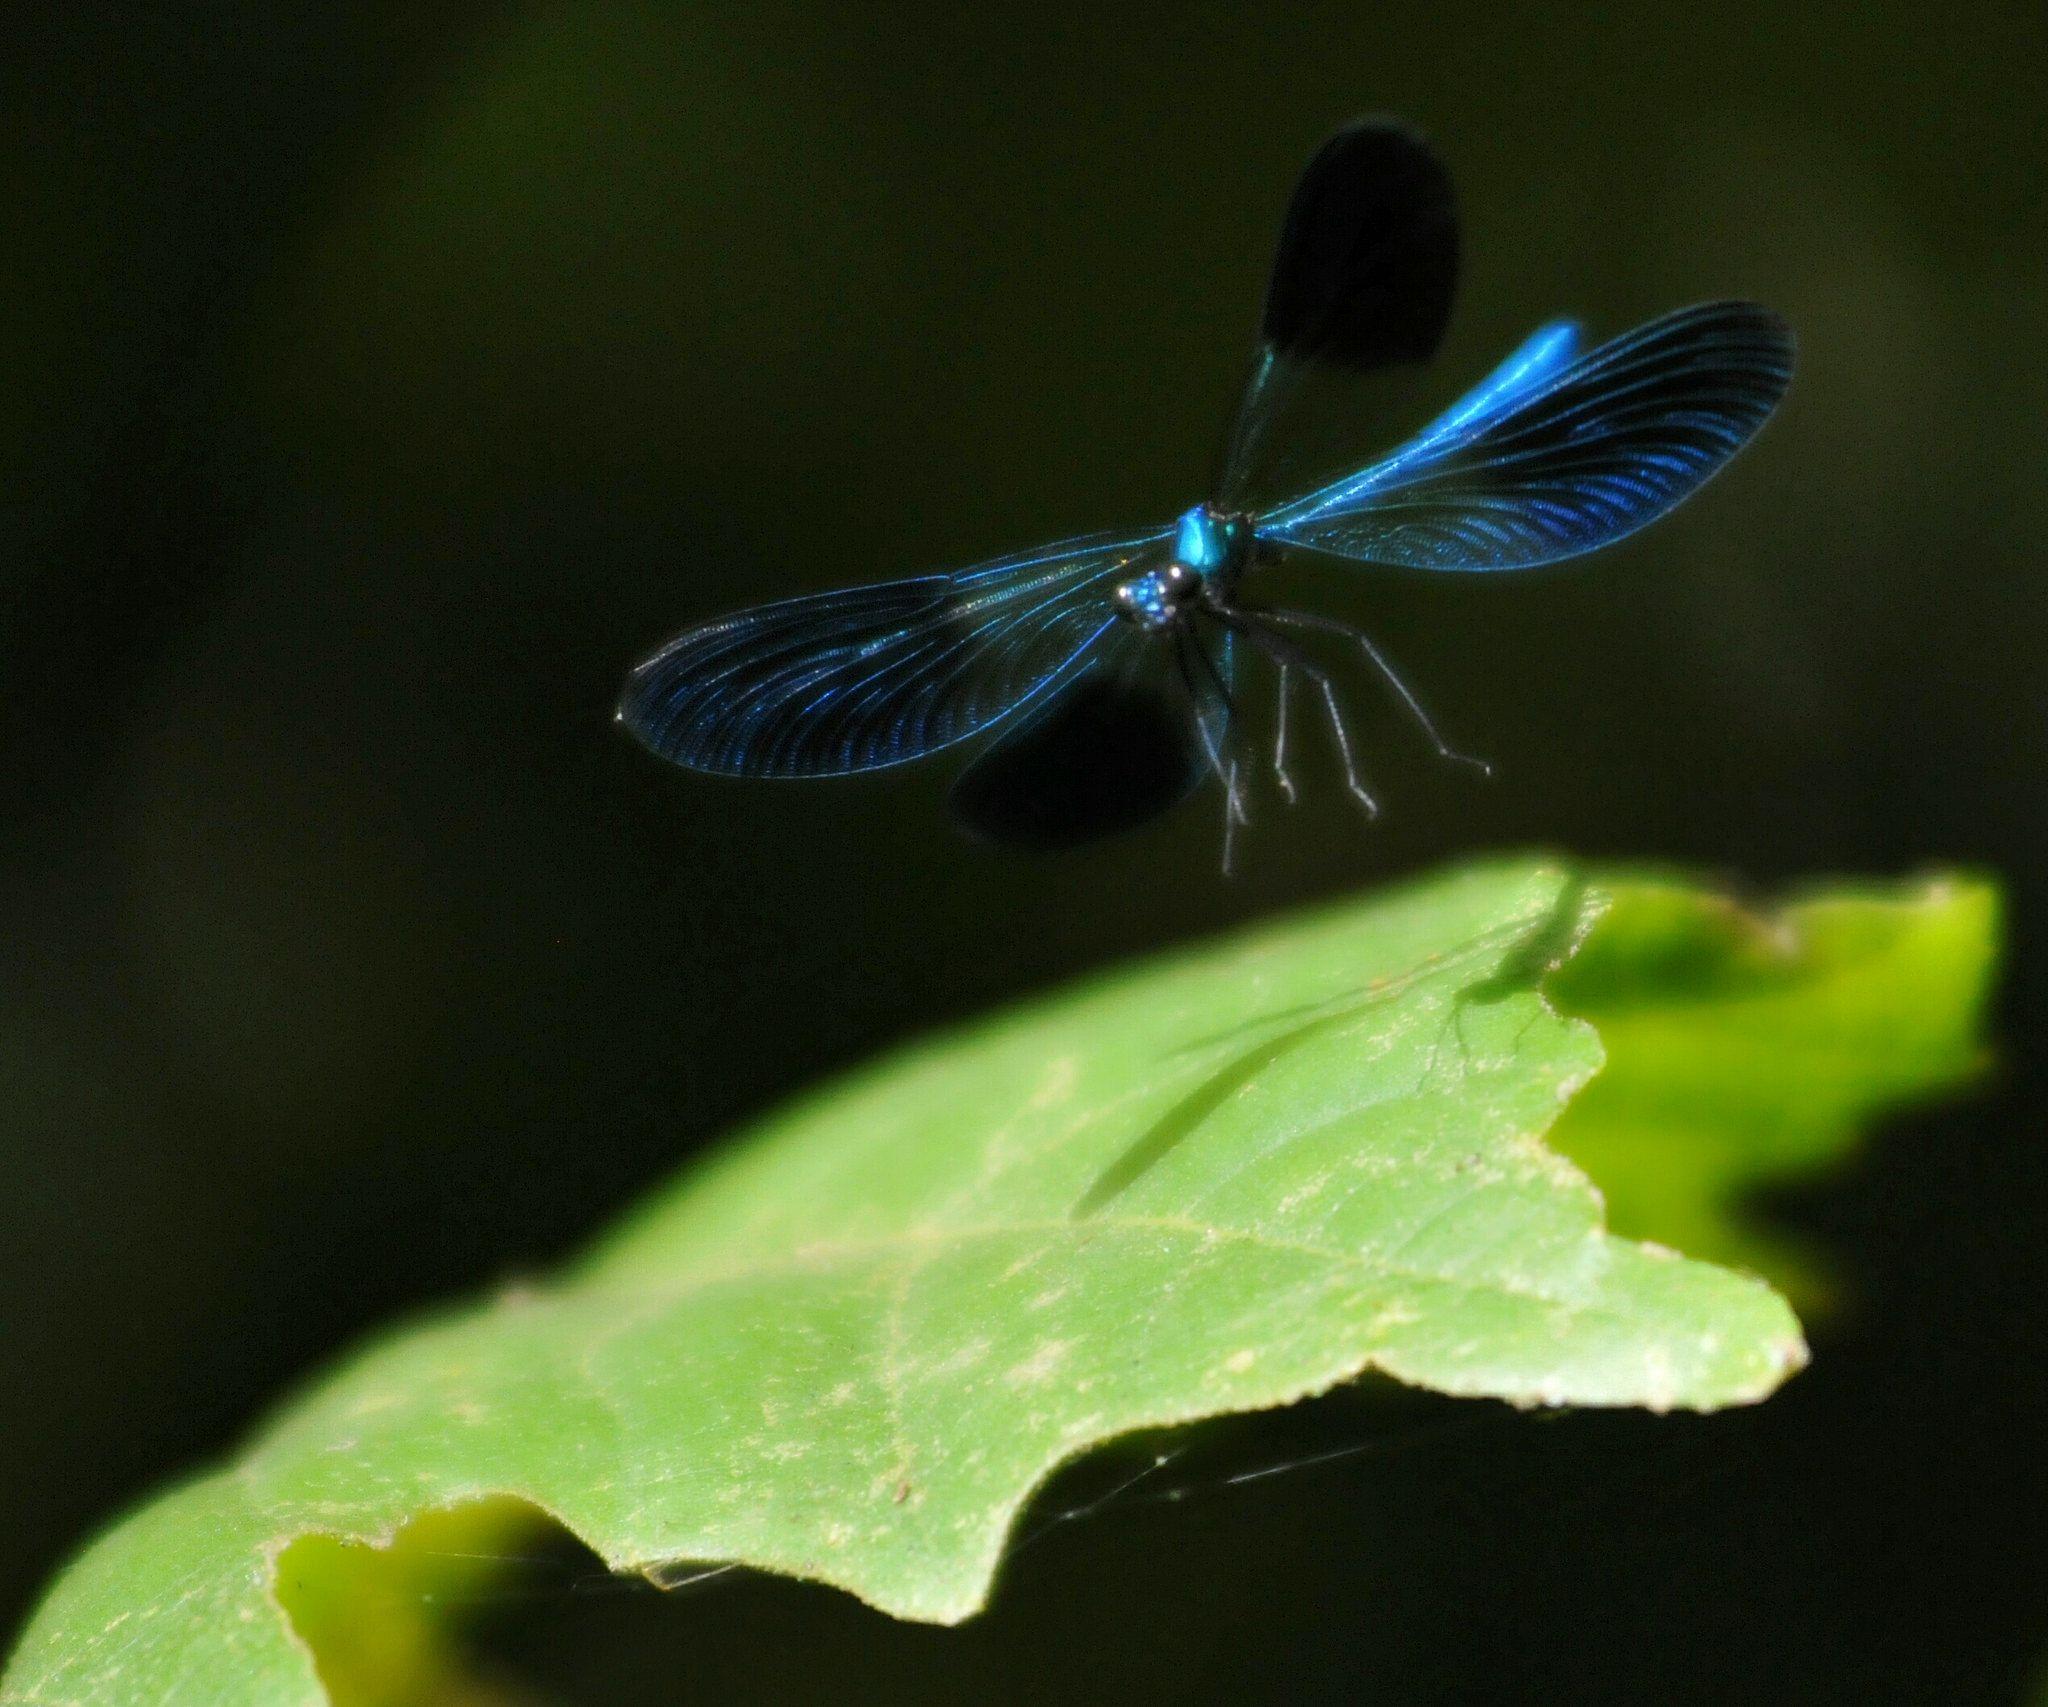 https://flic.kr/p/JBeSED | colorando le giornate... | libellula in atterraggio...